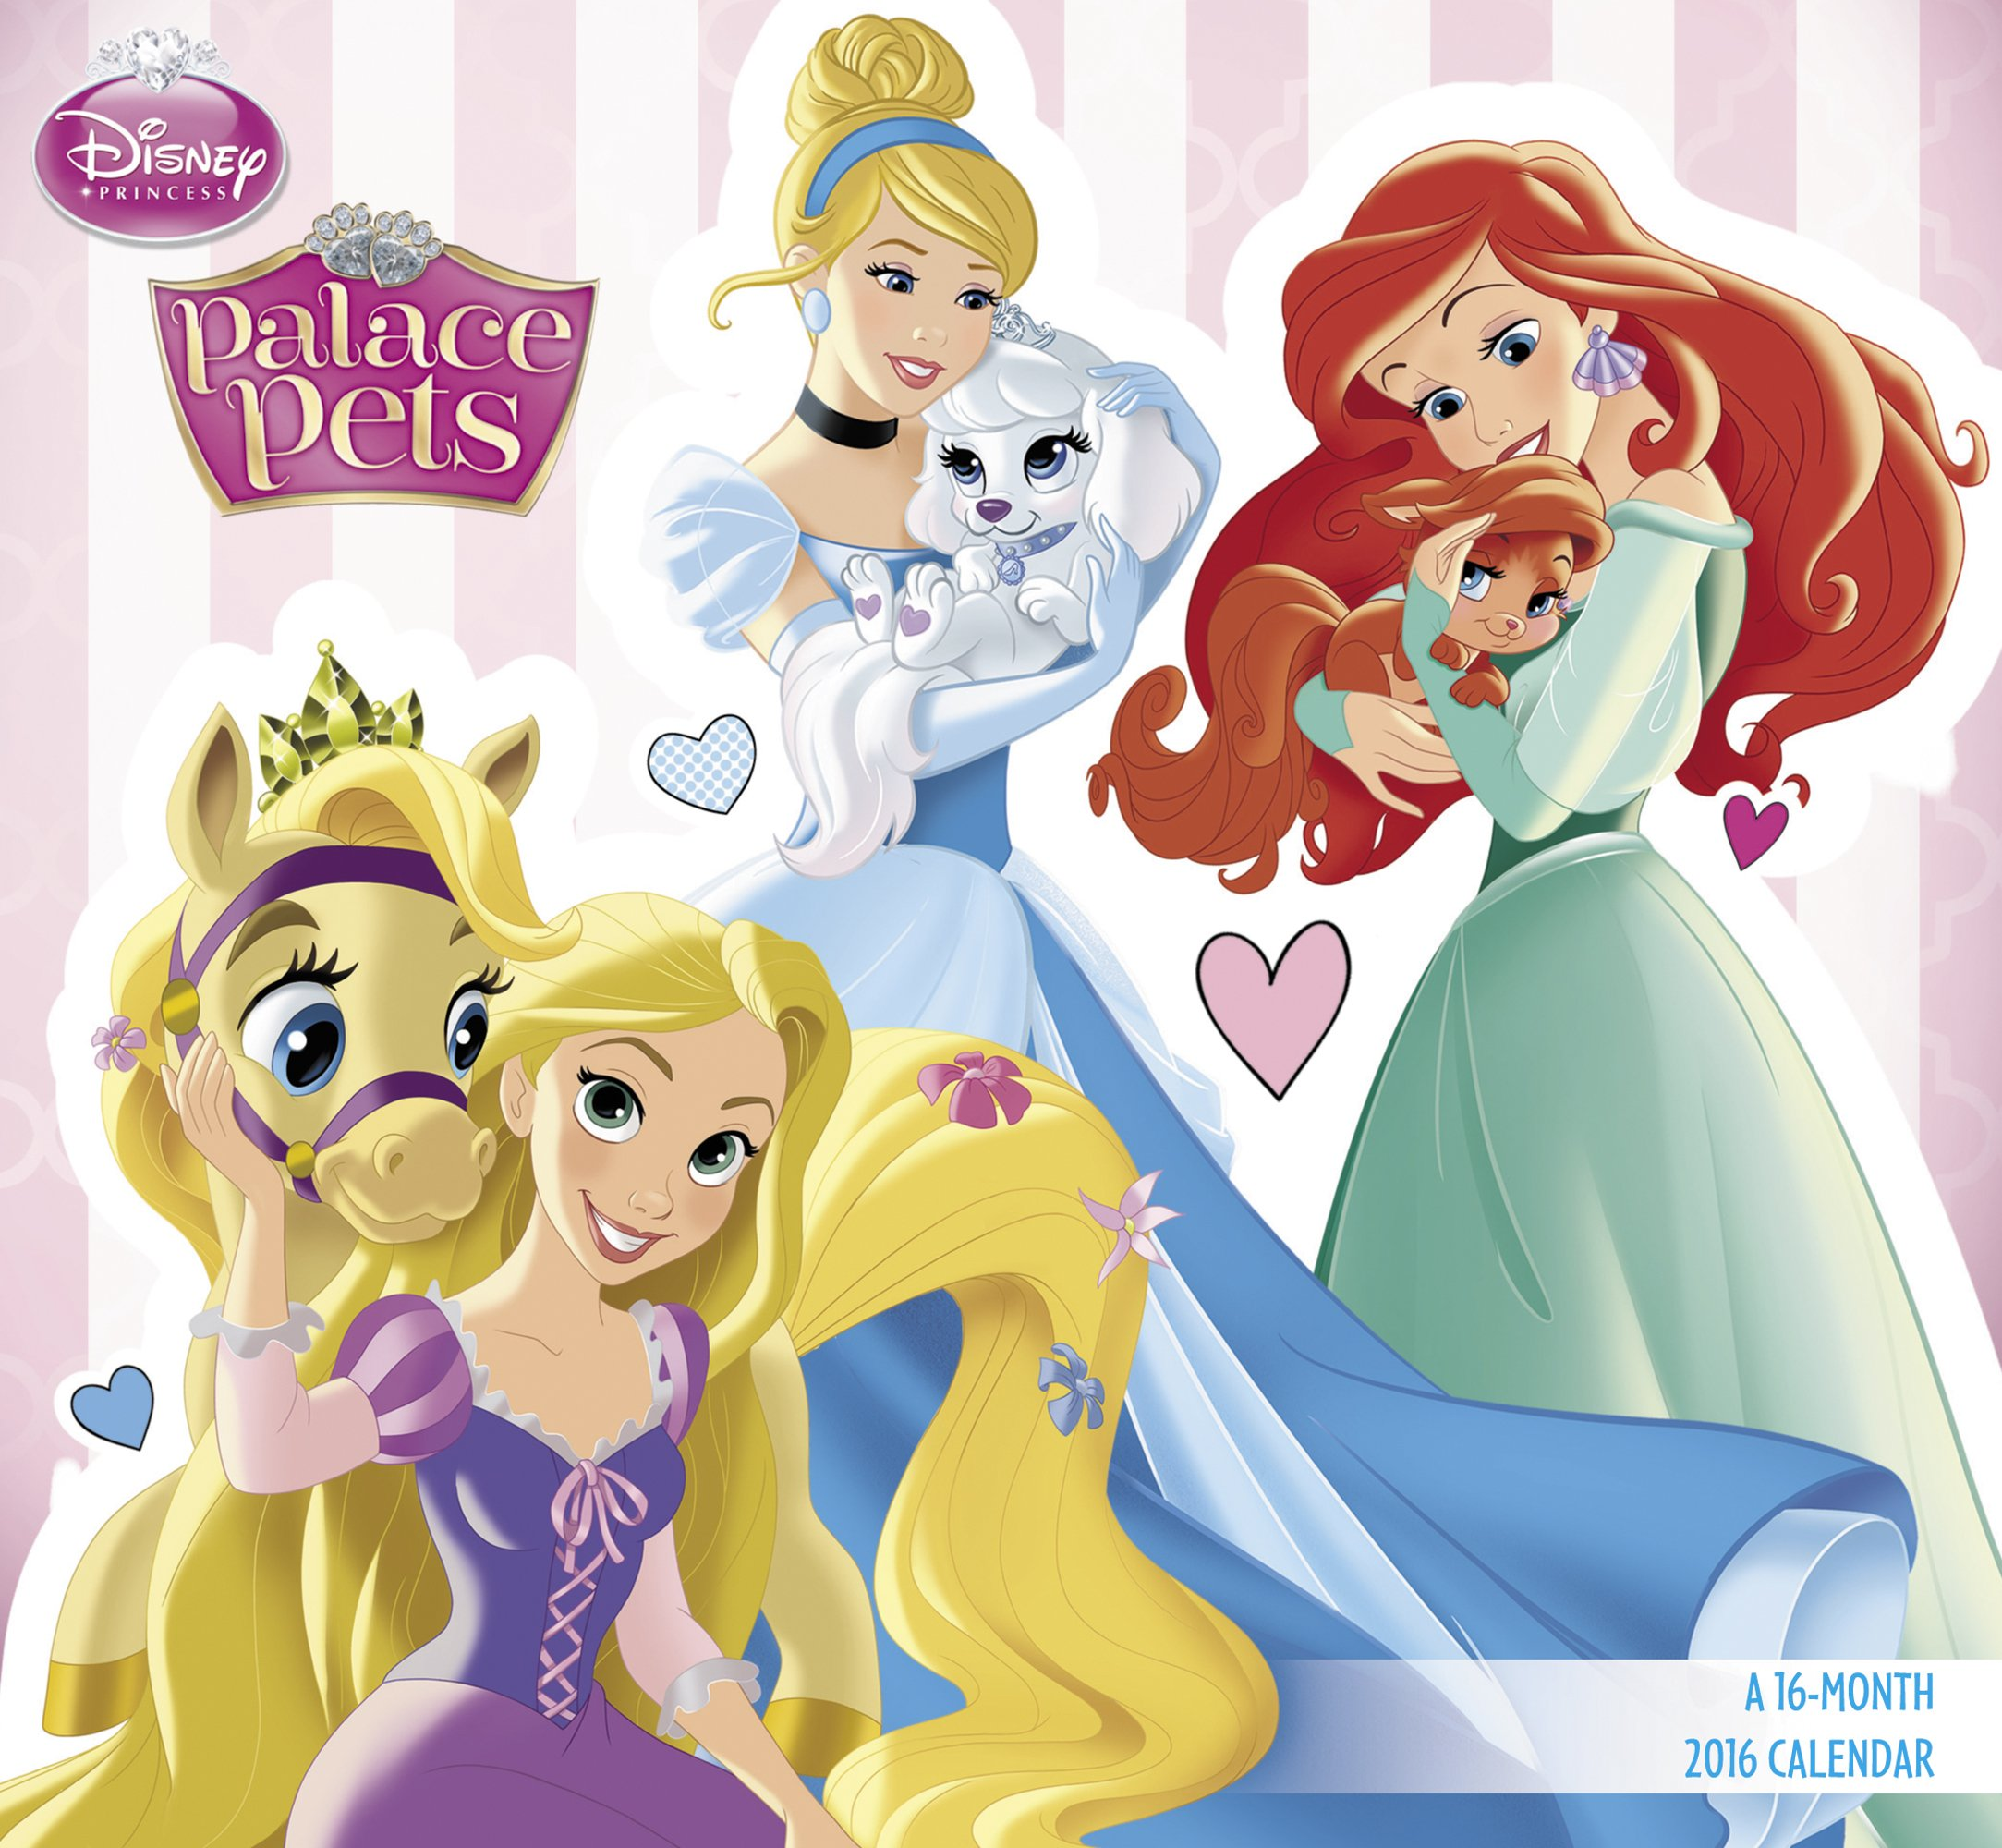 Disney clipart calendar 2016. Princess palace pets amazon